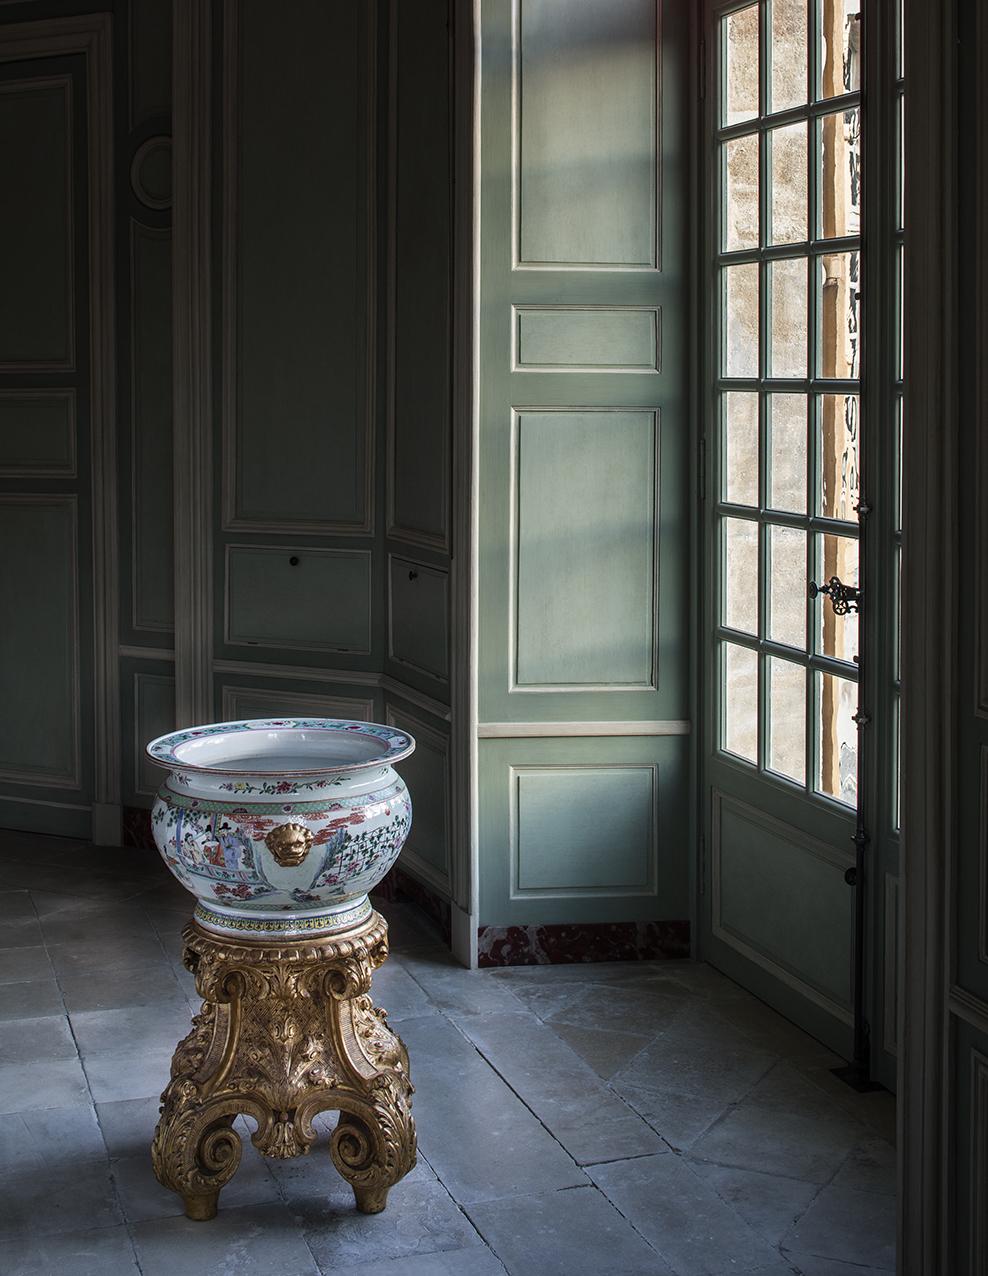 Chateau de Villette luxury property octagonal salon Chinese jardinier